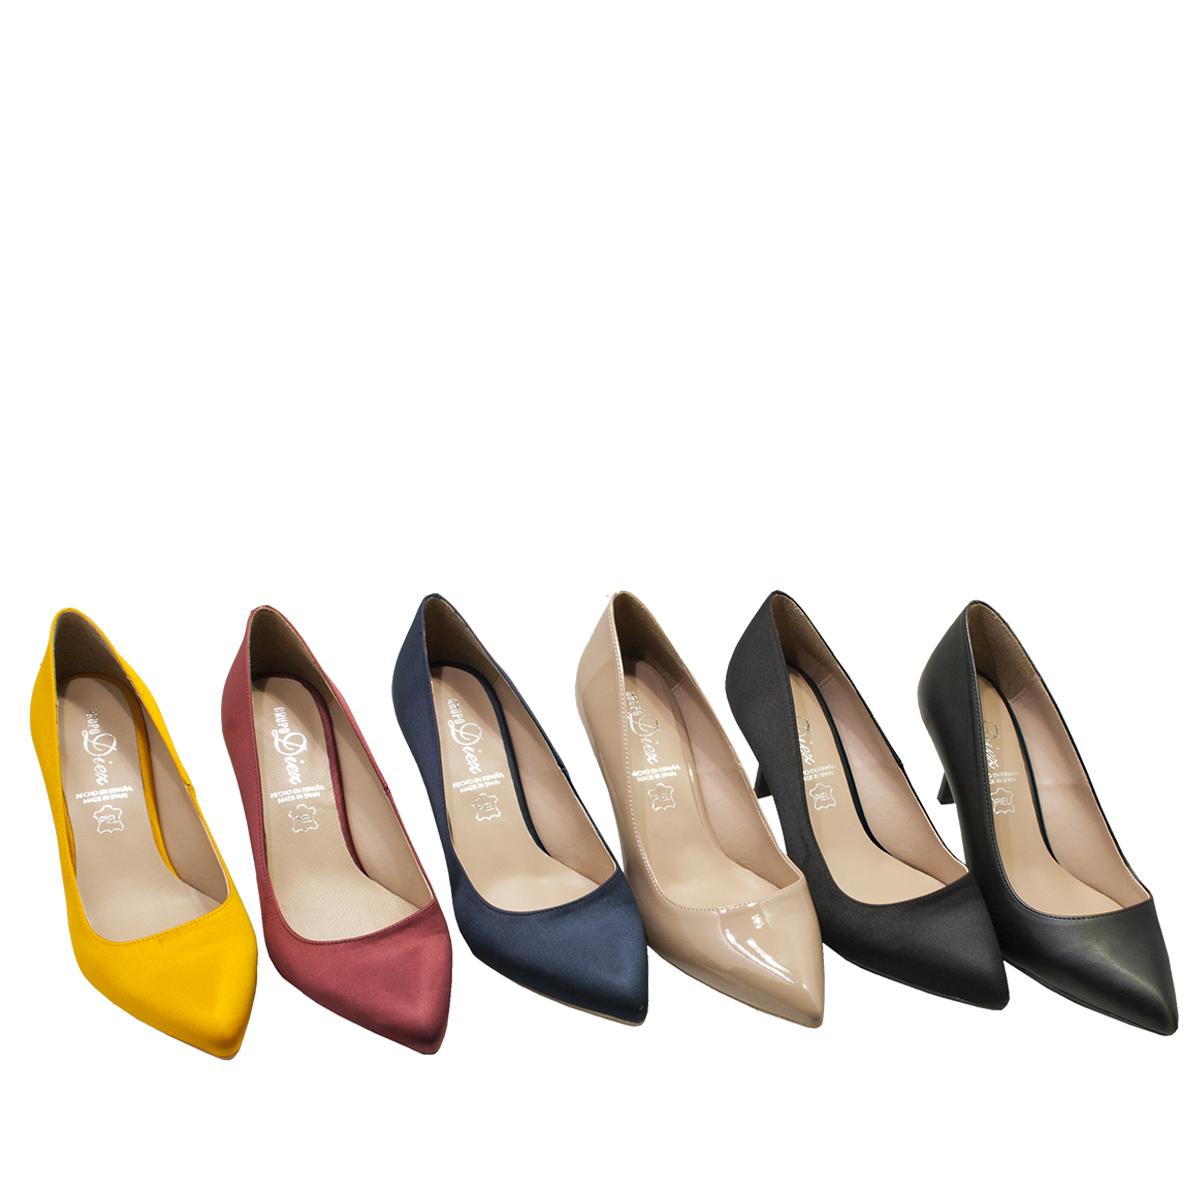 0f0d94b663d Zapato Salon Mastrill Medio tacon - Calzados Díez